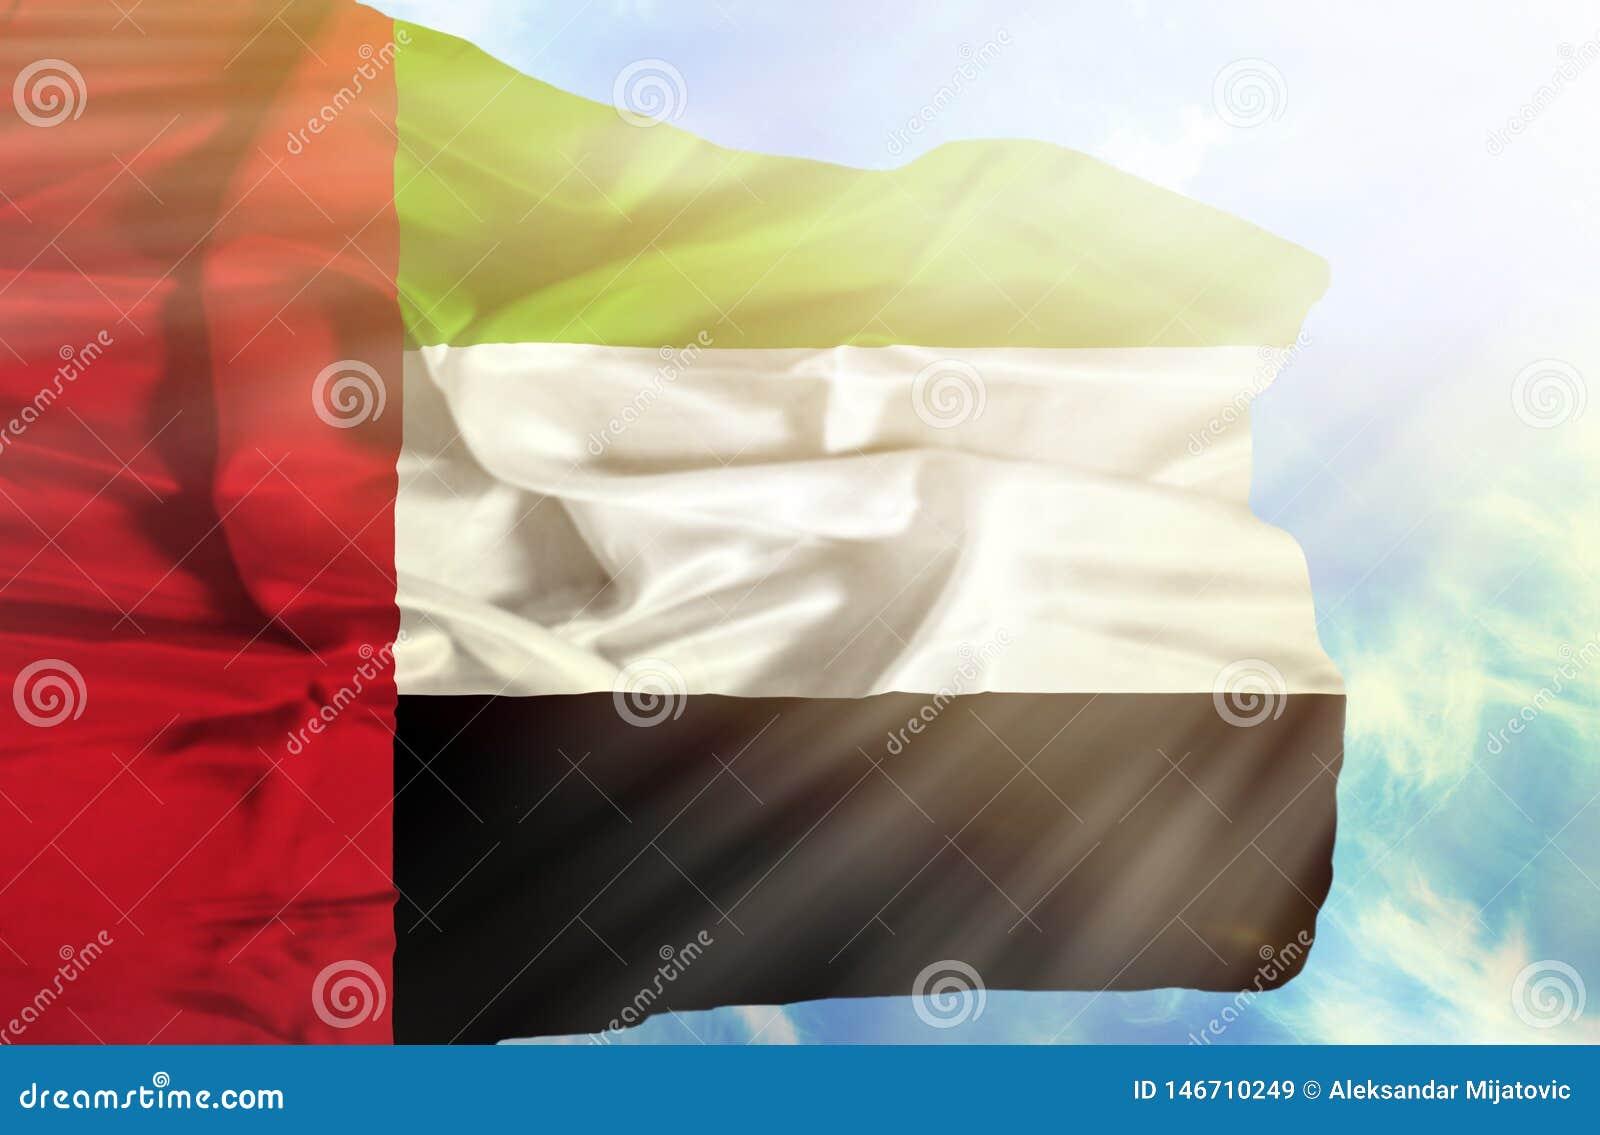 Ηνωμένα Αραβικά Εμιράτα που κυματίζουν τη σημαία ενάντια στο μπλε ουρανό με τα sunrays